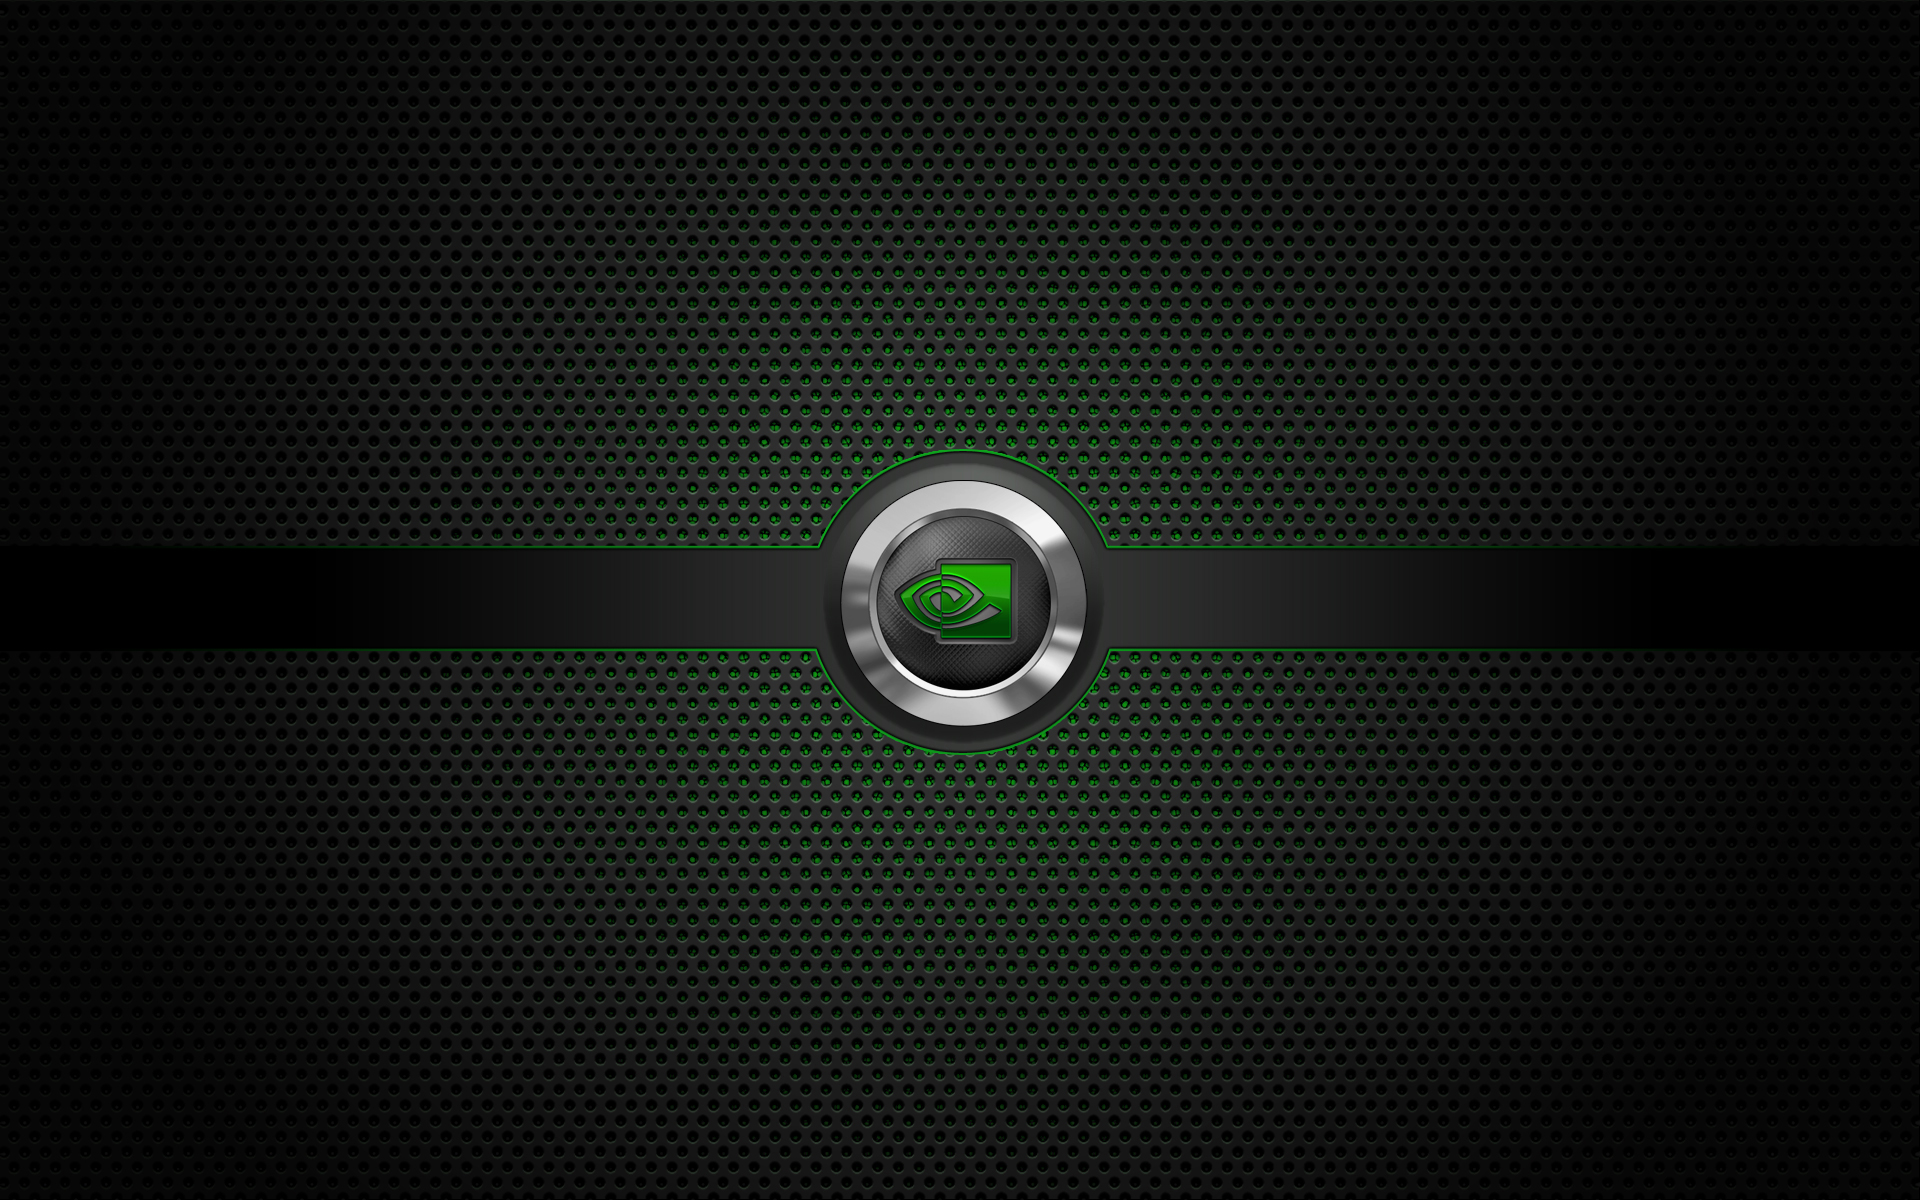 48 Nvidia Wallpapers 1080p On Wallpapersafari